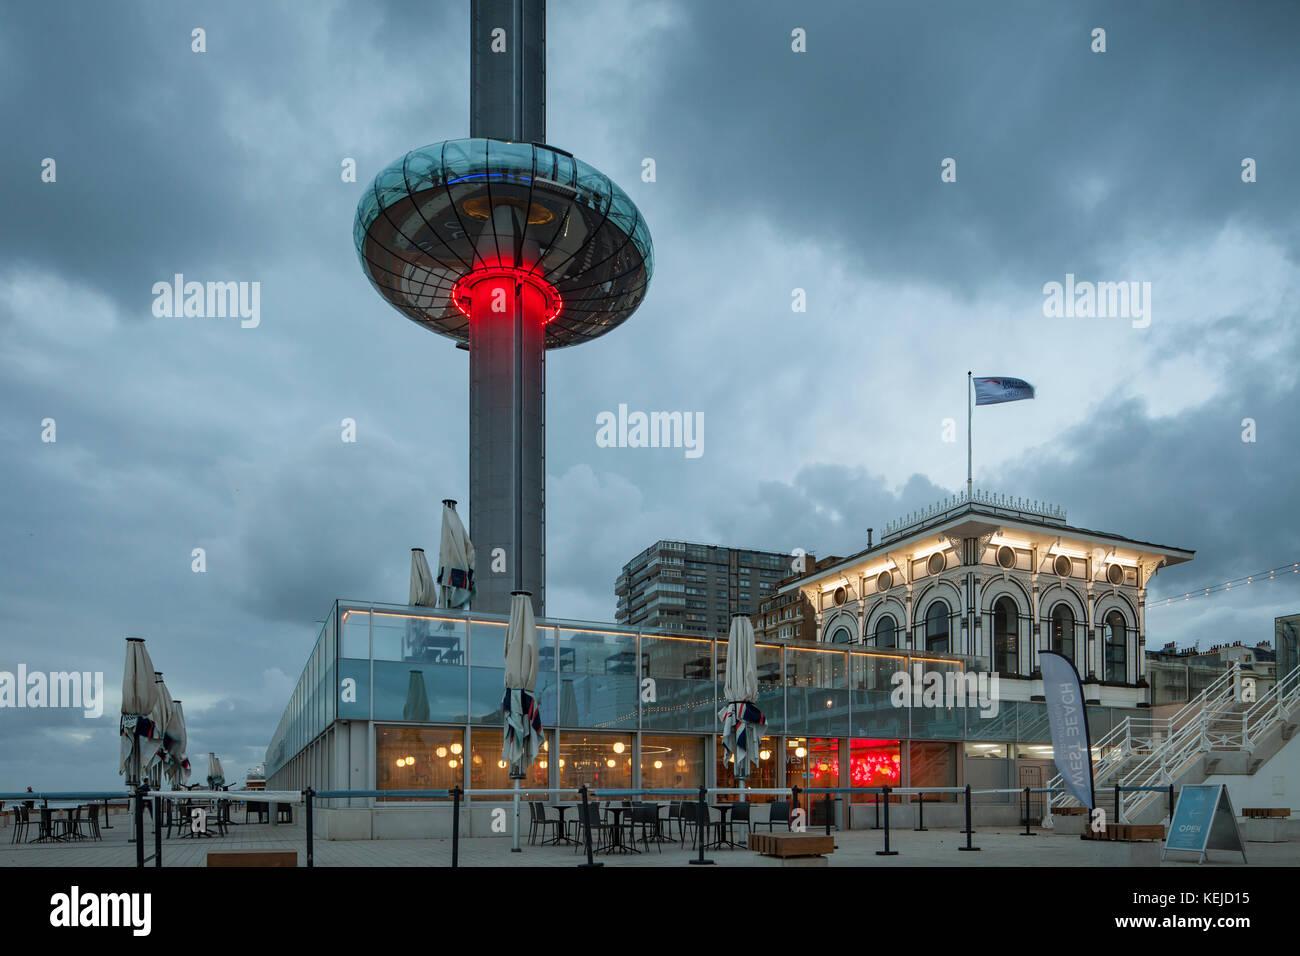 Serata presso i360 torre sul lungomare di Brighton, East Sussex, Inghilterra. Immagini Stock